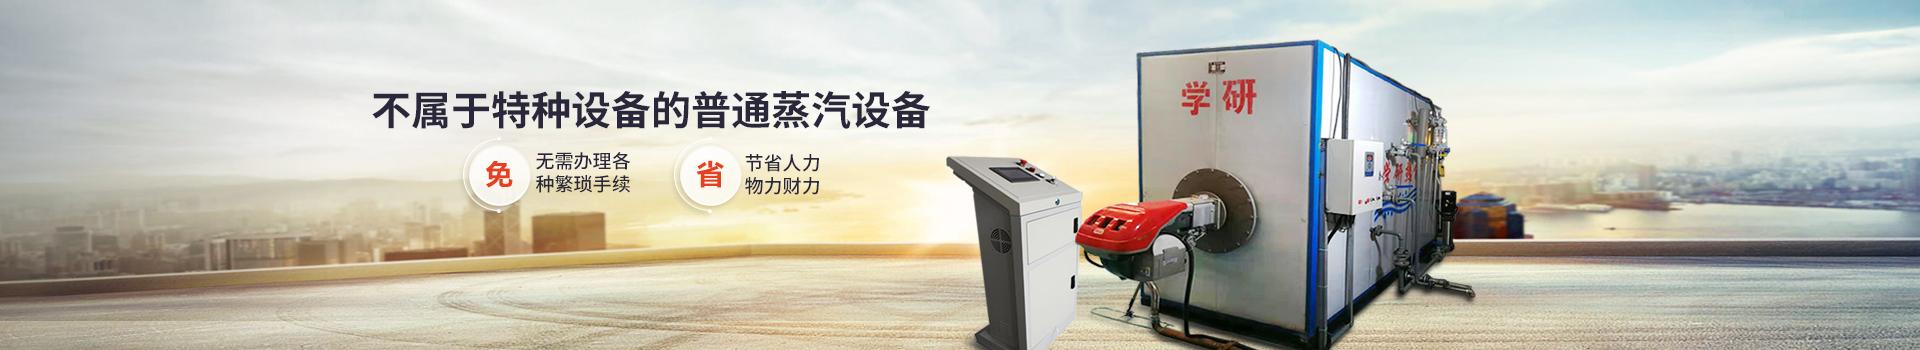 学研热能燃气热能机,不属于特种设备的普通蒸汽设备